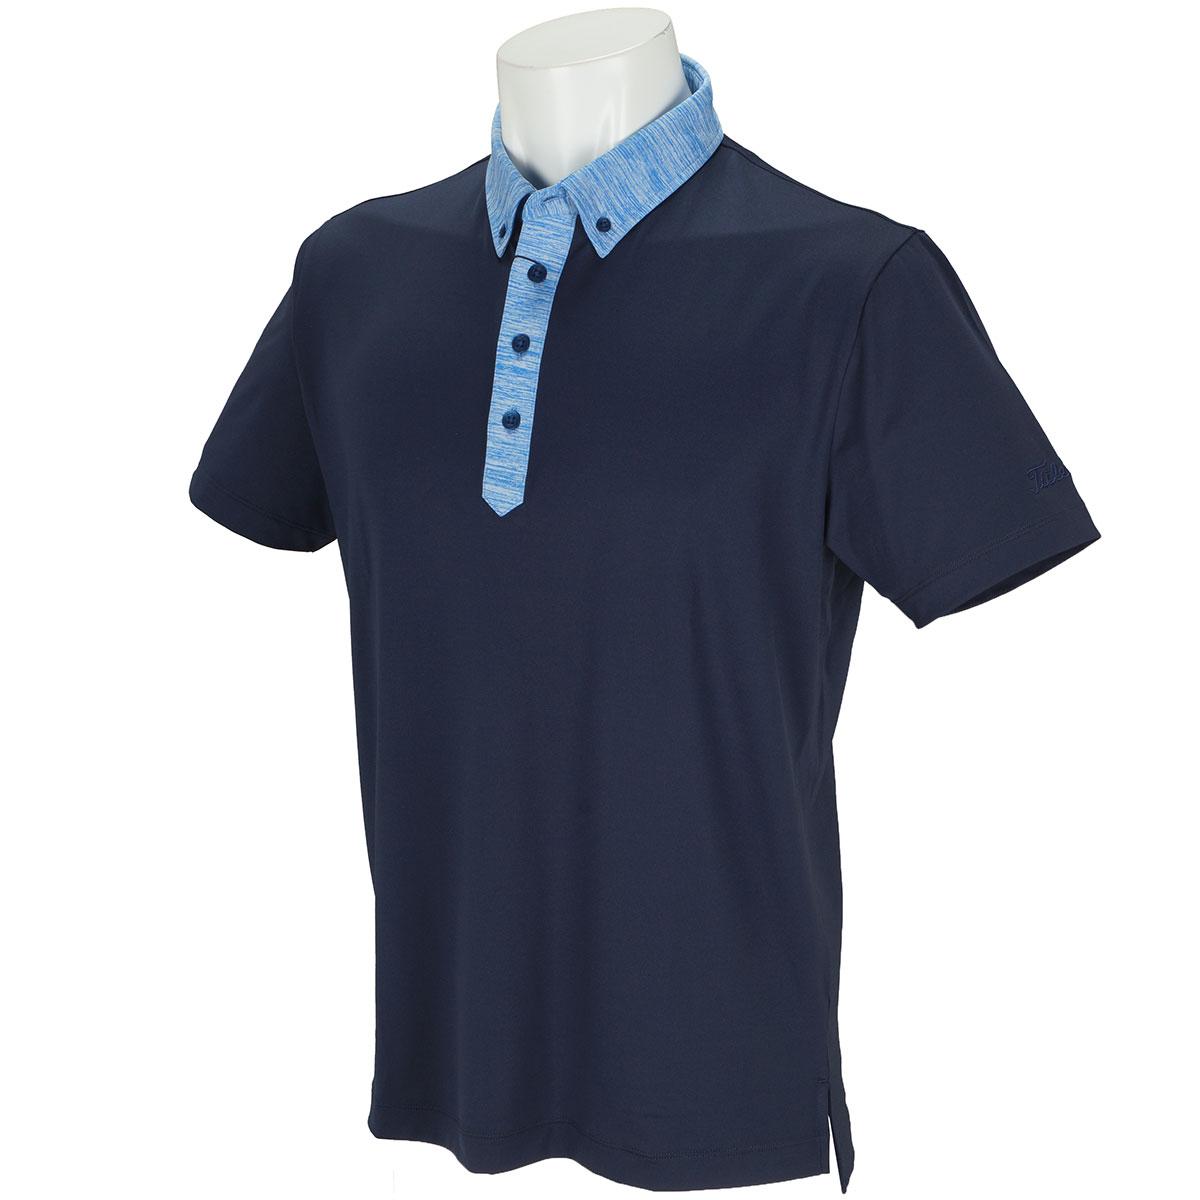 ストレッチスムース クレリック半袖ポロシャツ